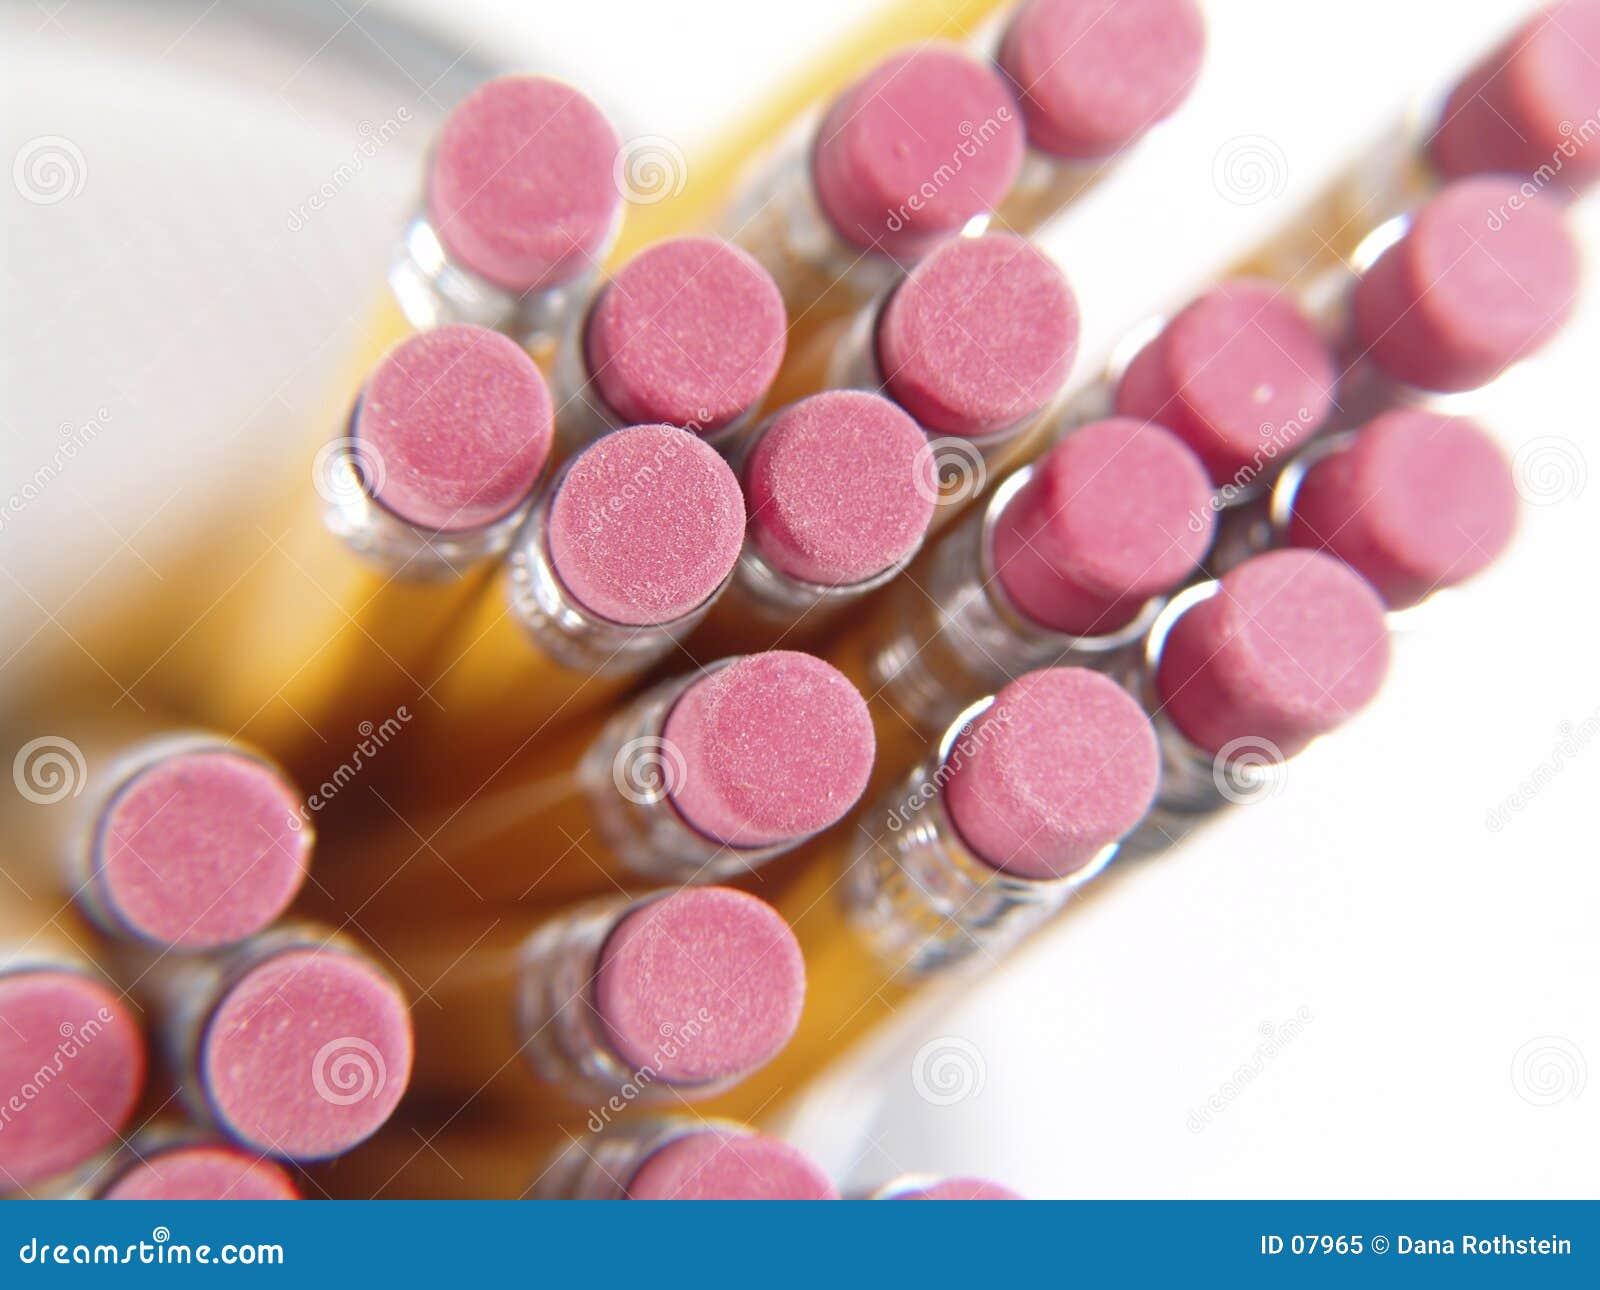 Pencil Erasers 2